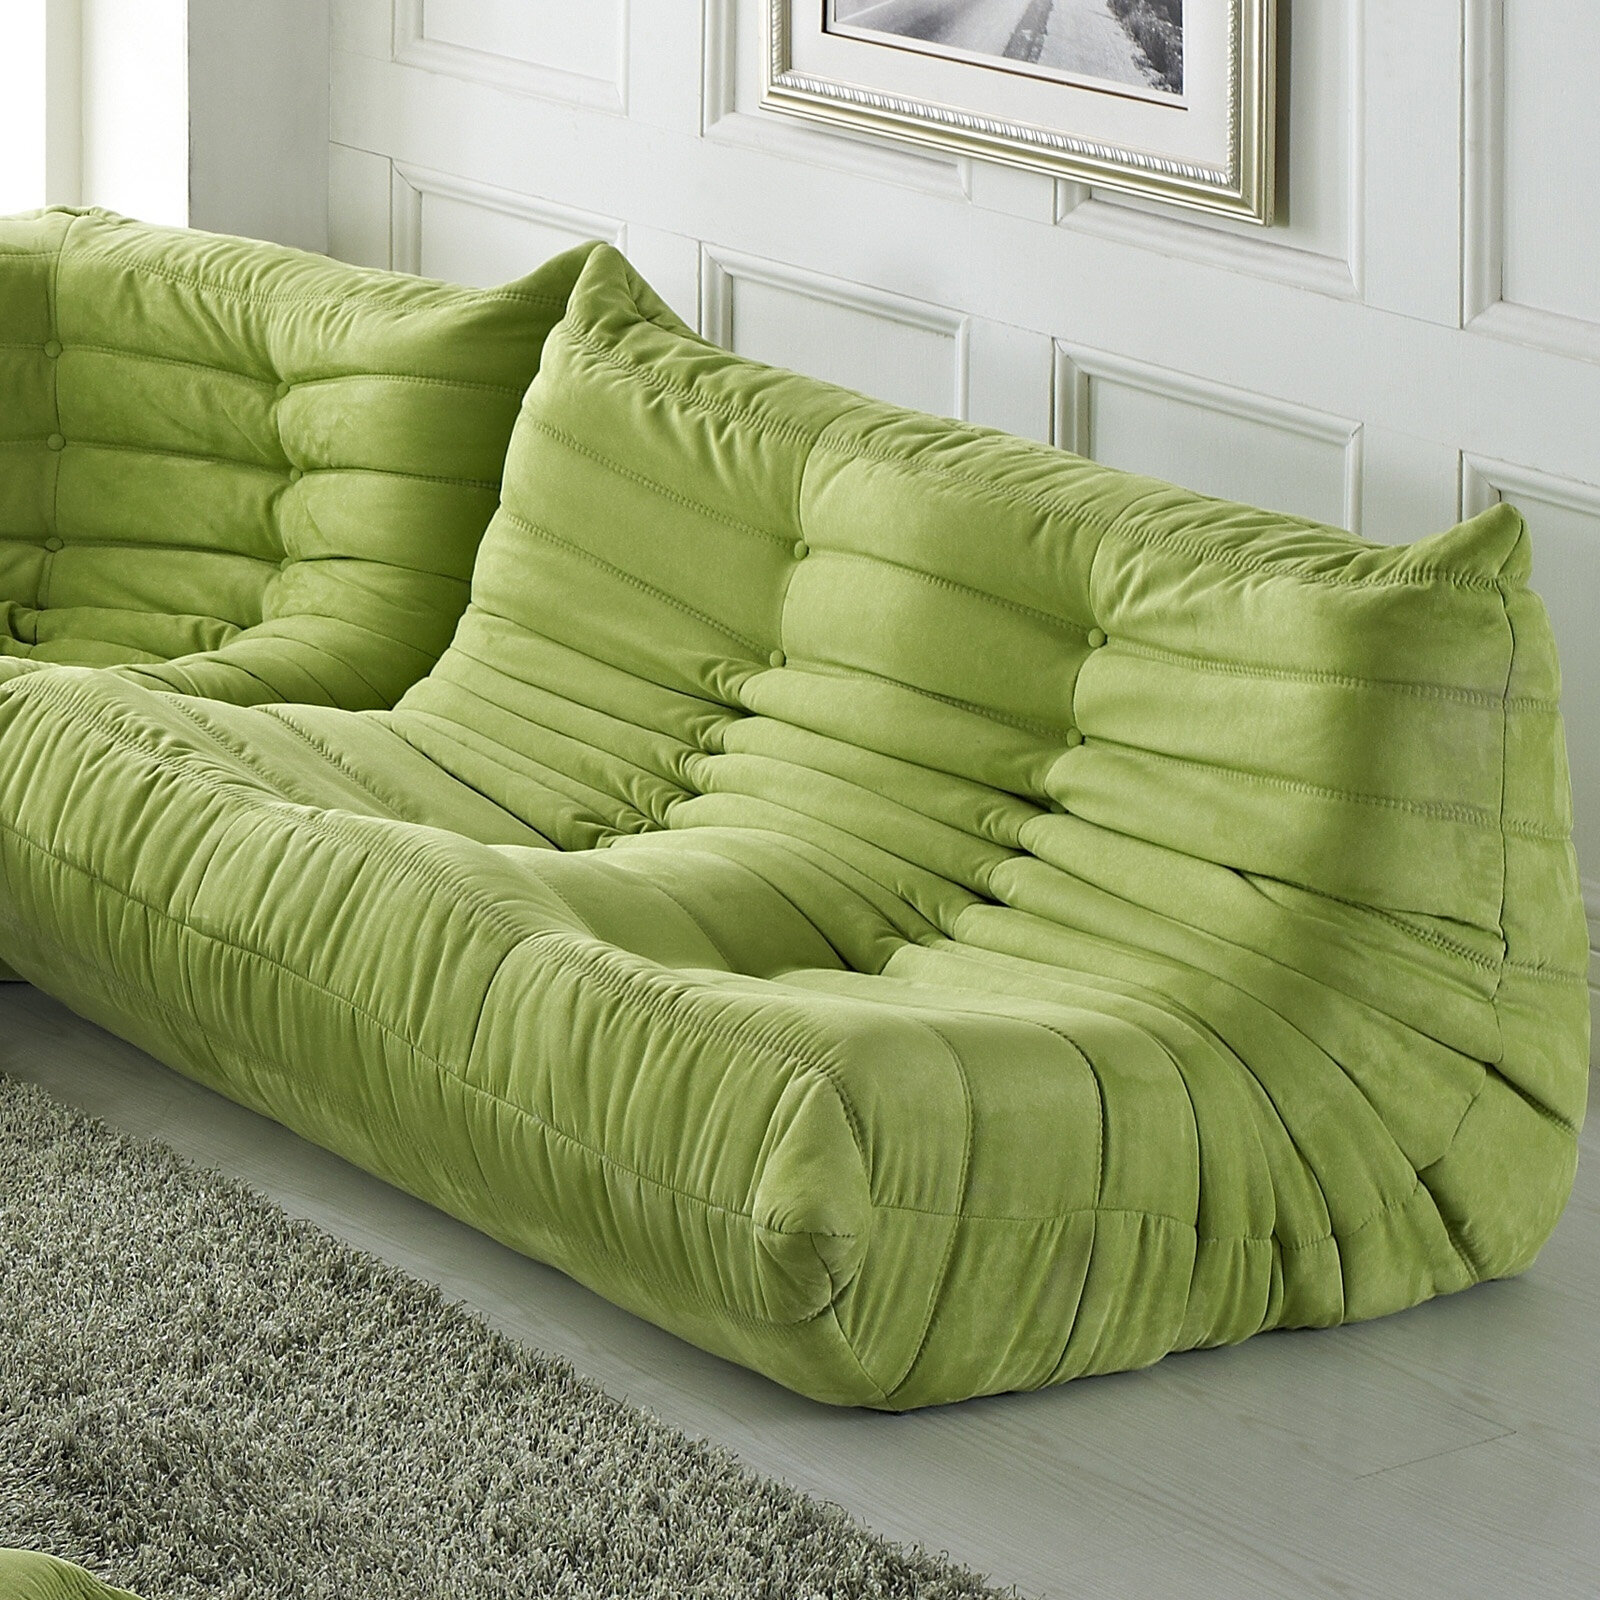 Waverunner Large Bean Bag Sofa